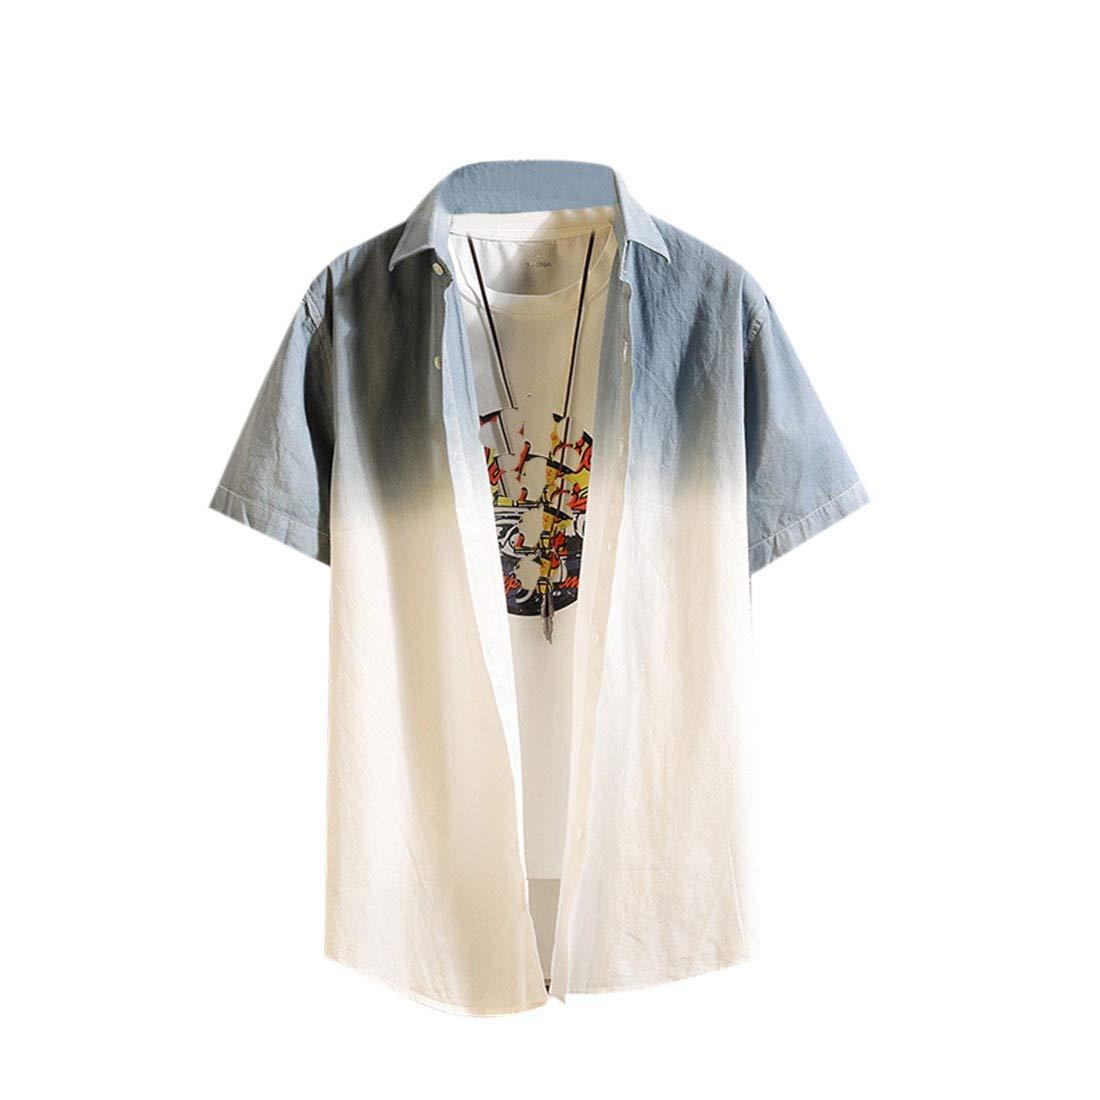 Vska Mens Summer Casual Color Block Cotton Gradient Short Sleeve Shirt